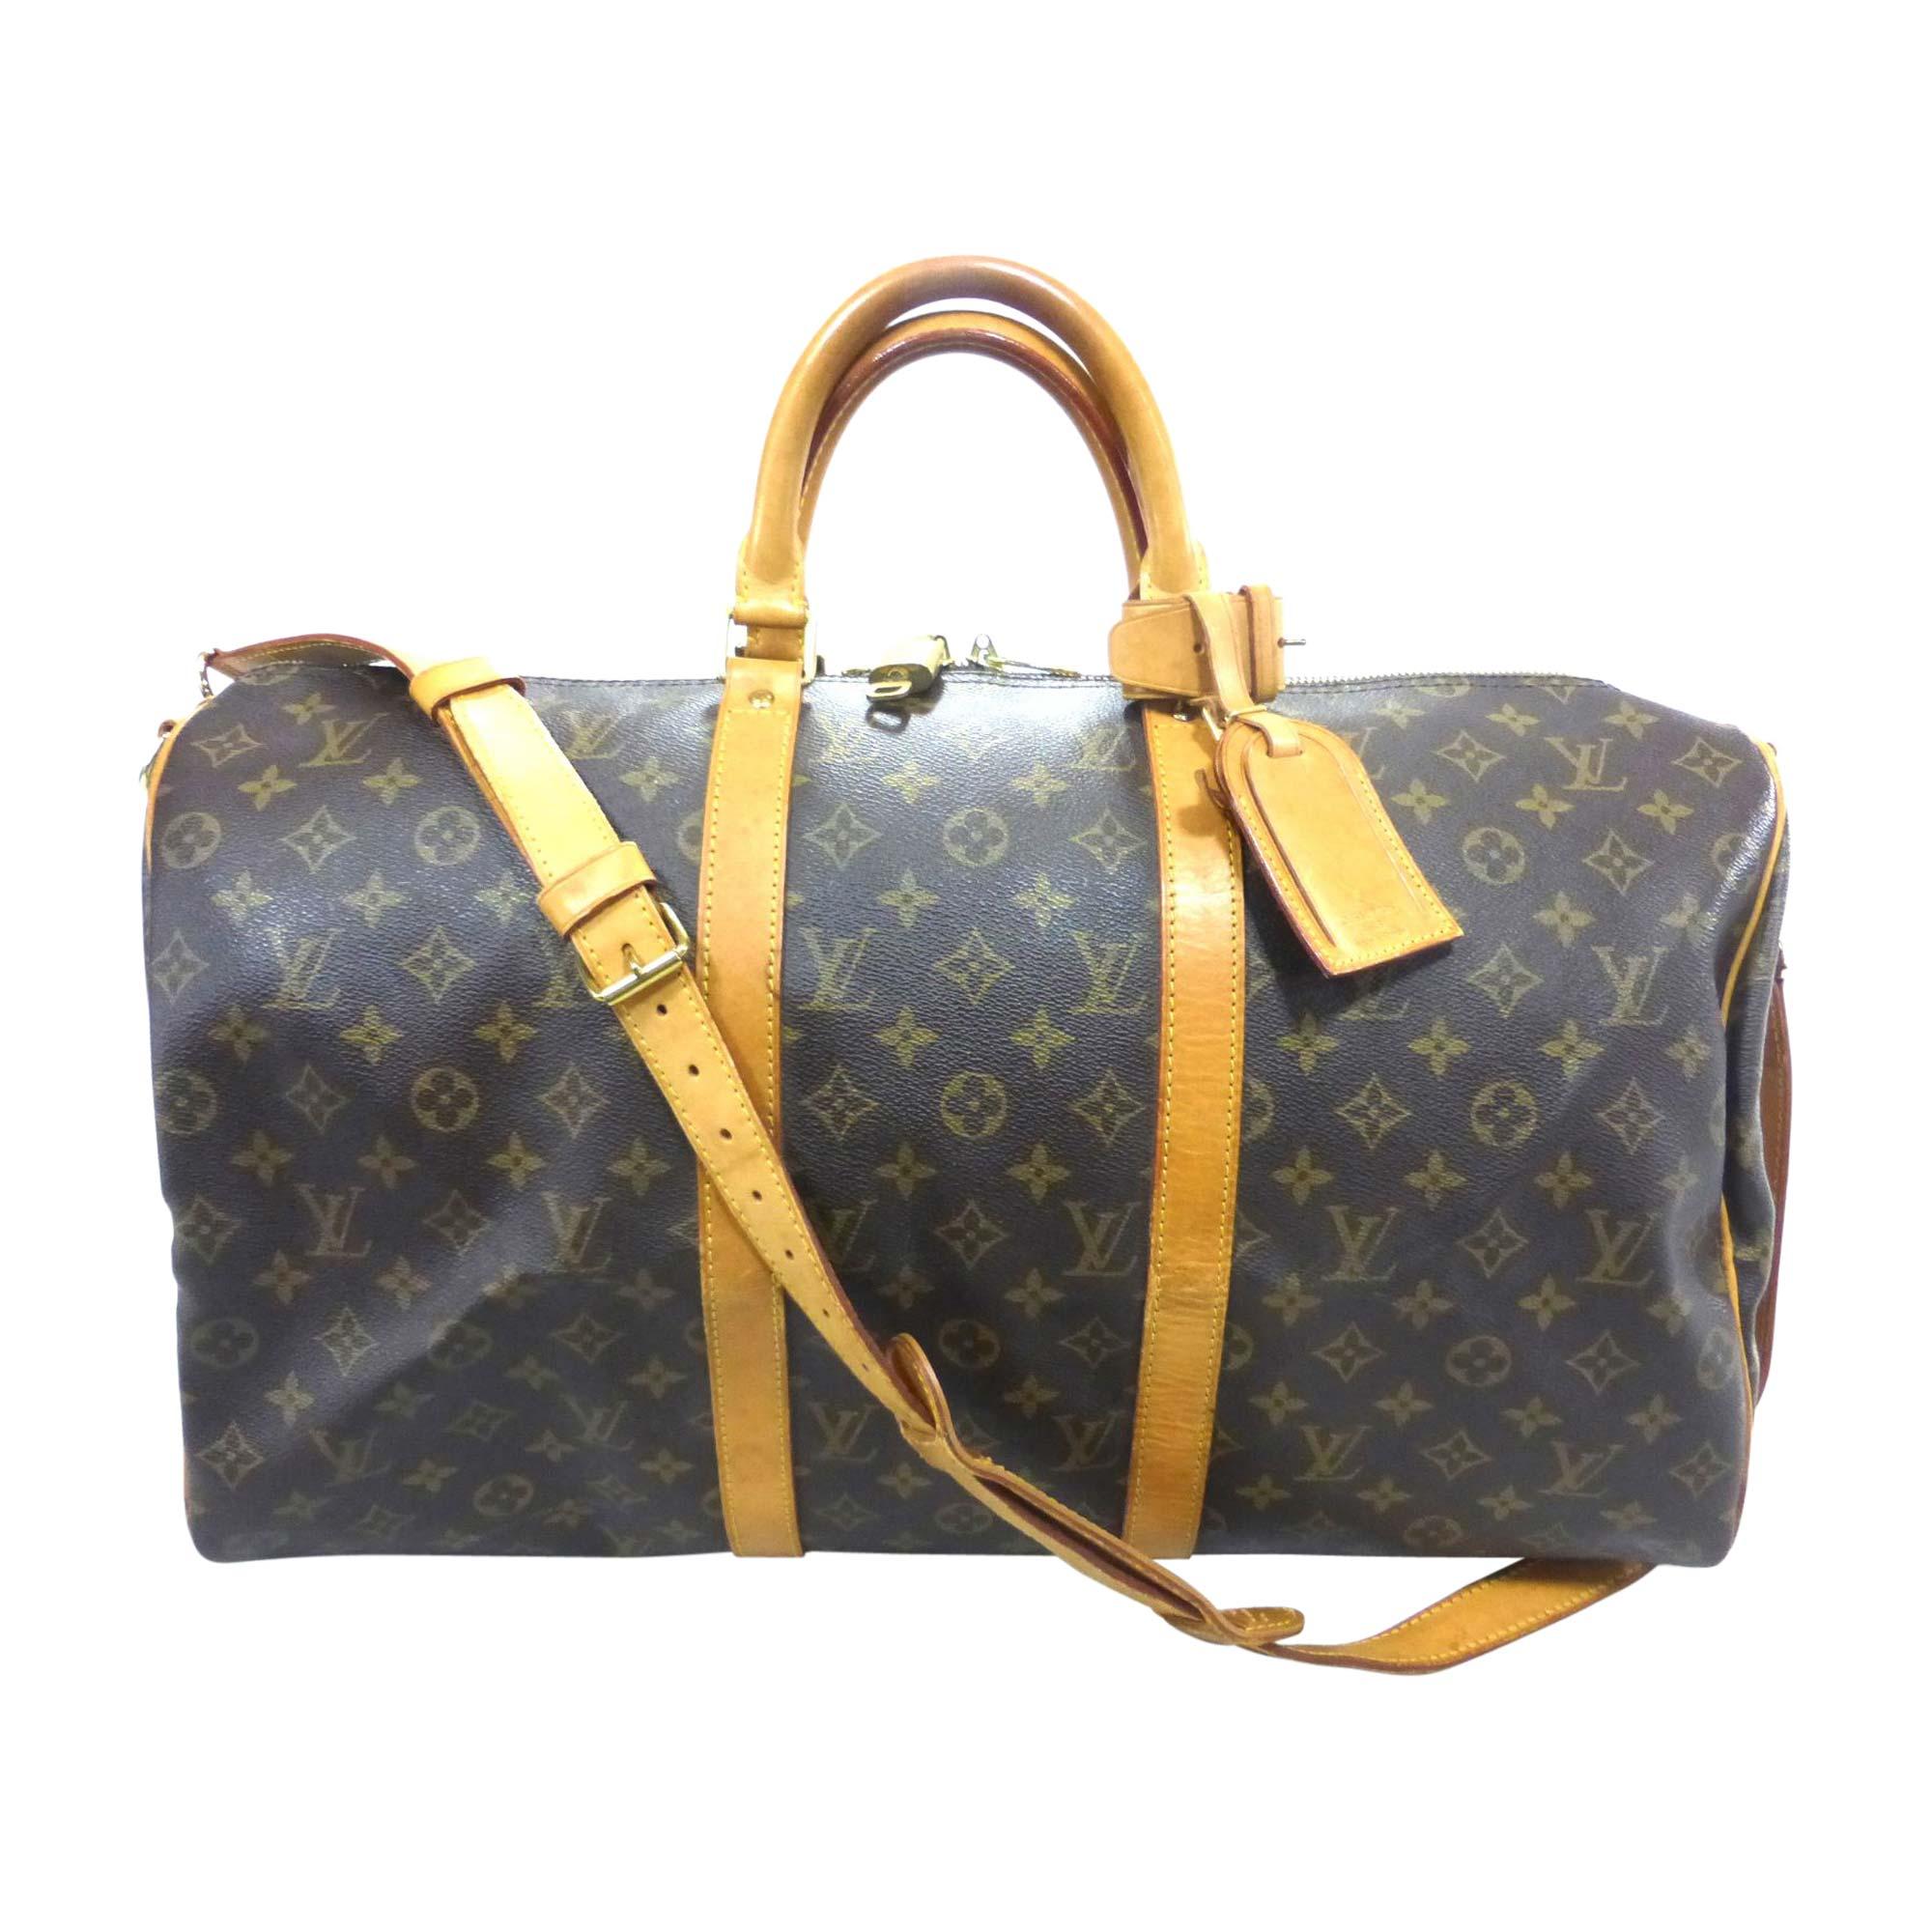 Sac XL en cuir LOUIS VUITTON keepall marron vendu par Bibag - 8330109 235a9d8b7b9